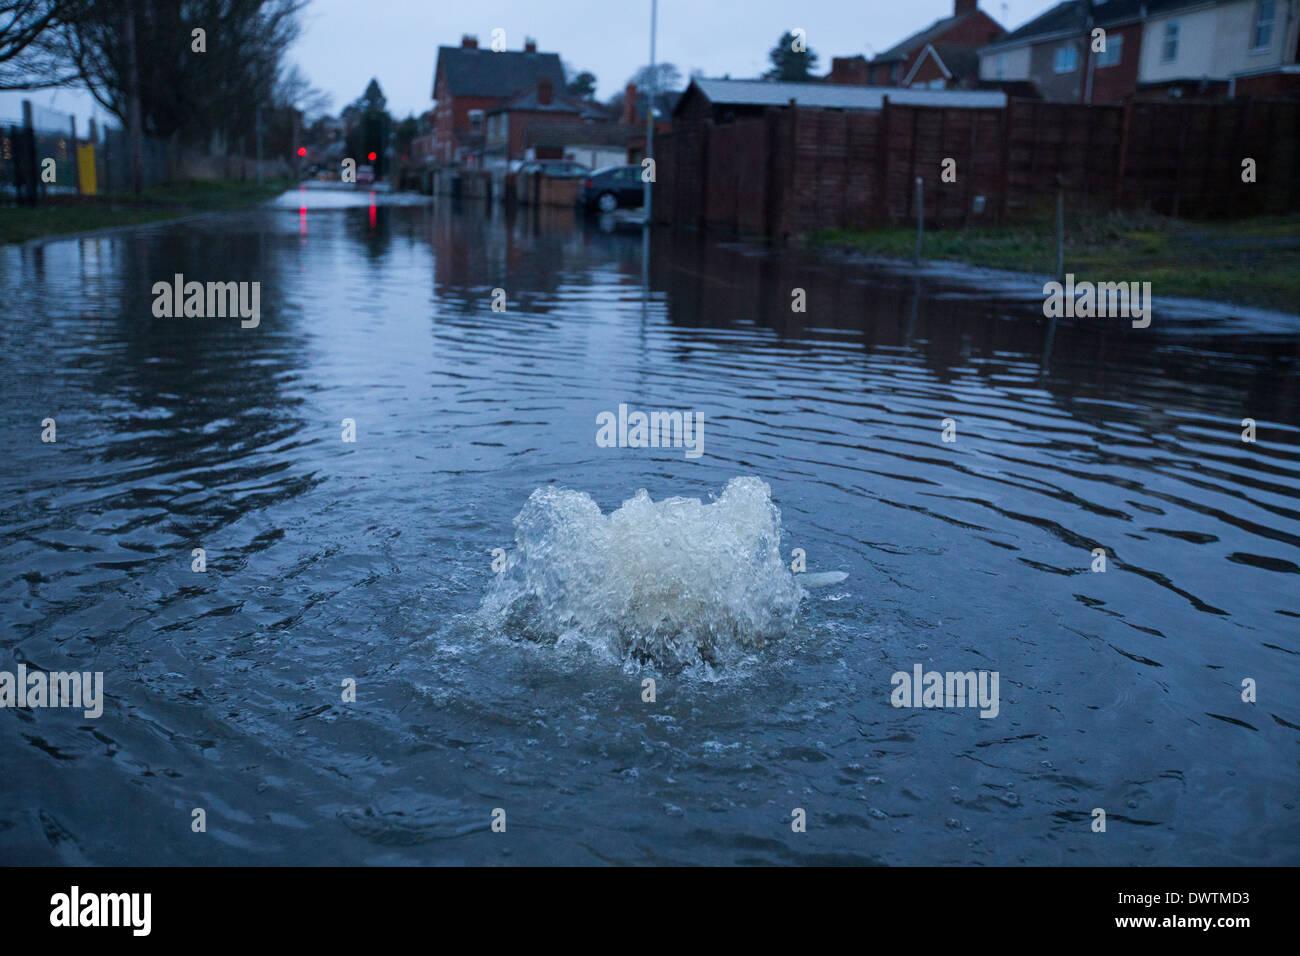 L'eau des crues grâce à un bouillonnement vidanger à Worcester, Royaume-Uni, d'après la rivière Severn éclater ses banques. Photo Stock